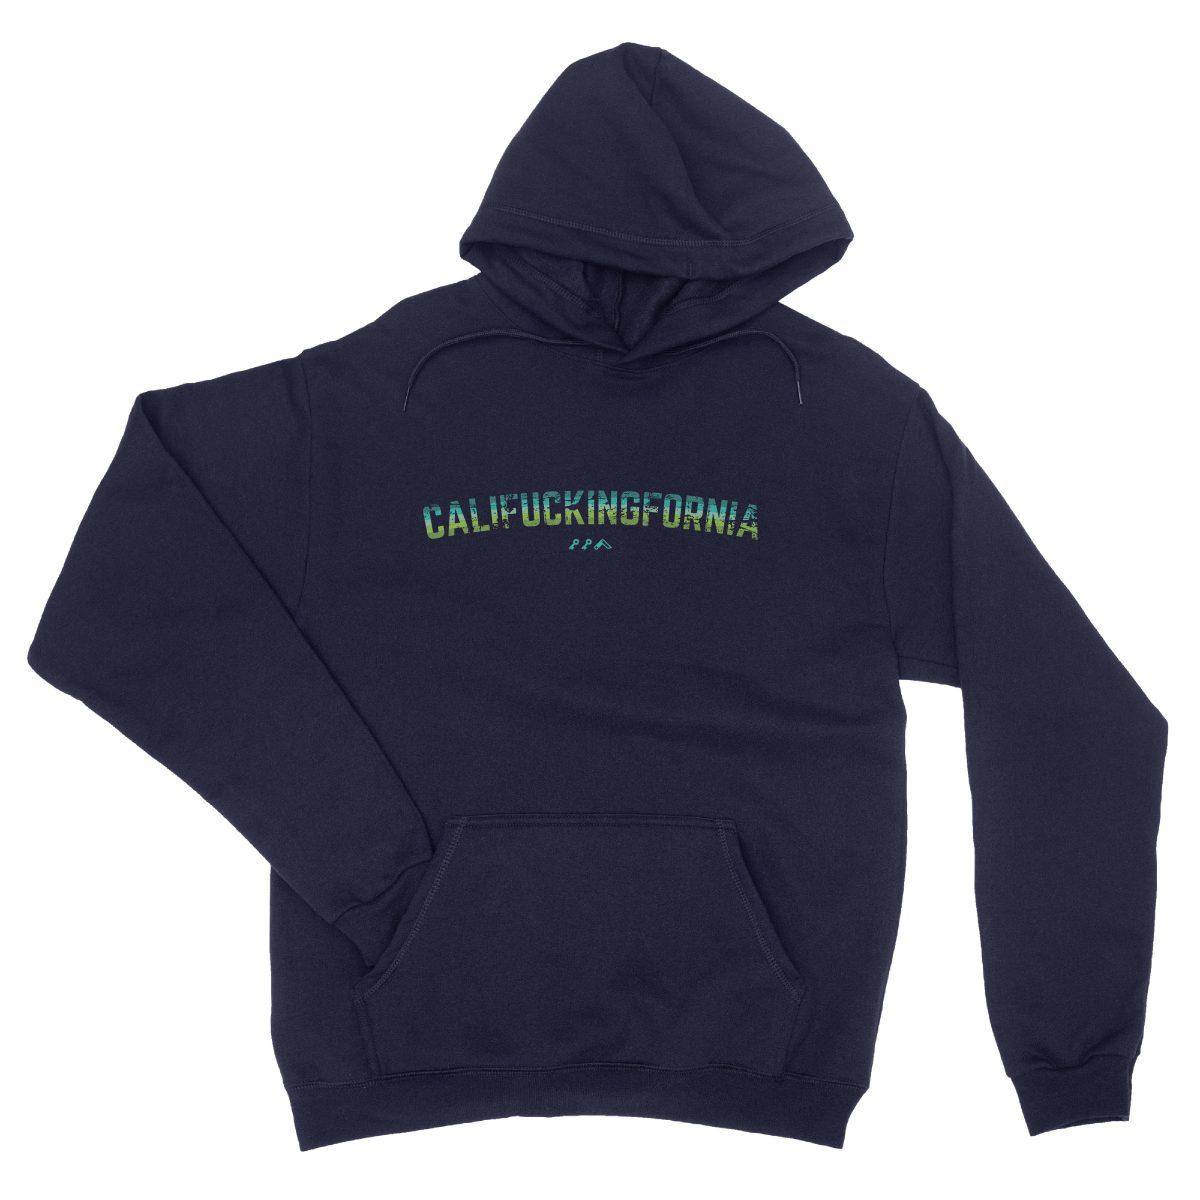 califuckingfornia 90s design retro hoodie in navy blue by kikicutt sweatshirt store